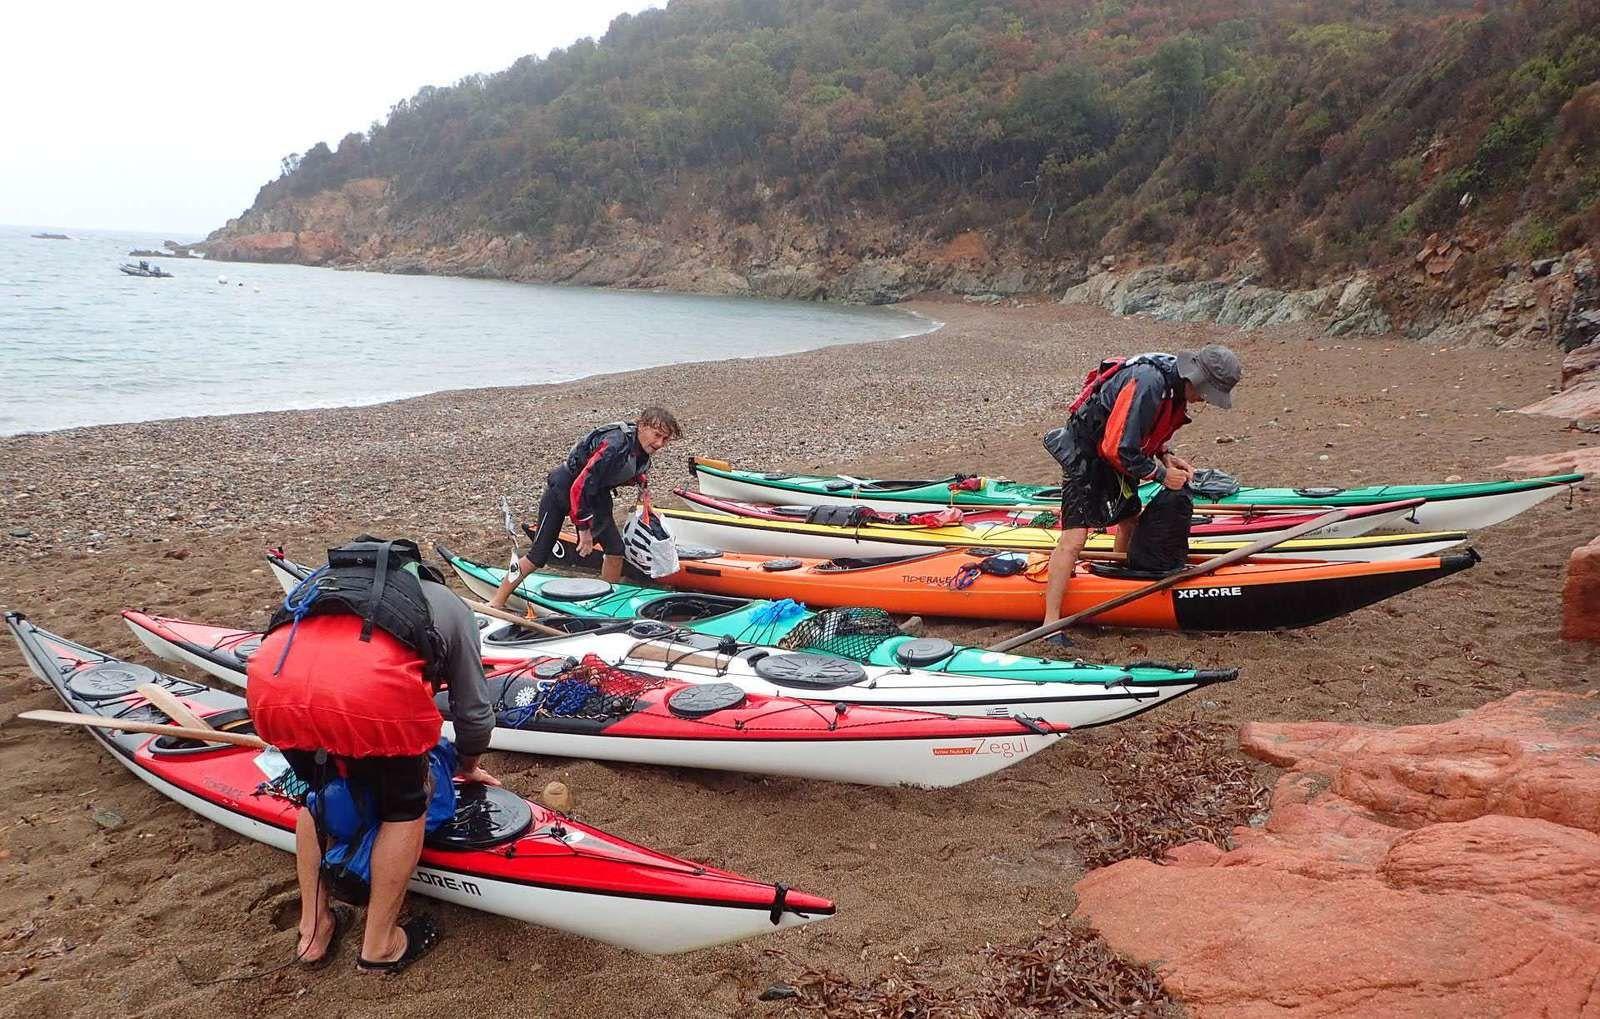 La joyeuse équipée de 9 kayakistes finistériens en Corse - Chapitre 10